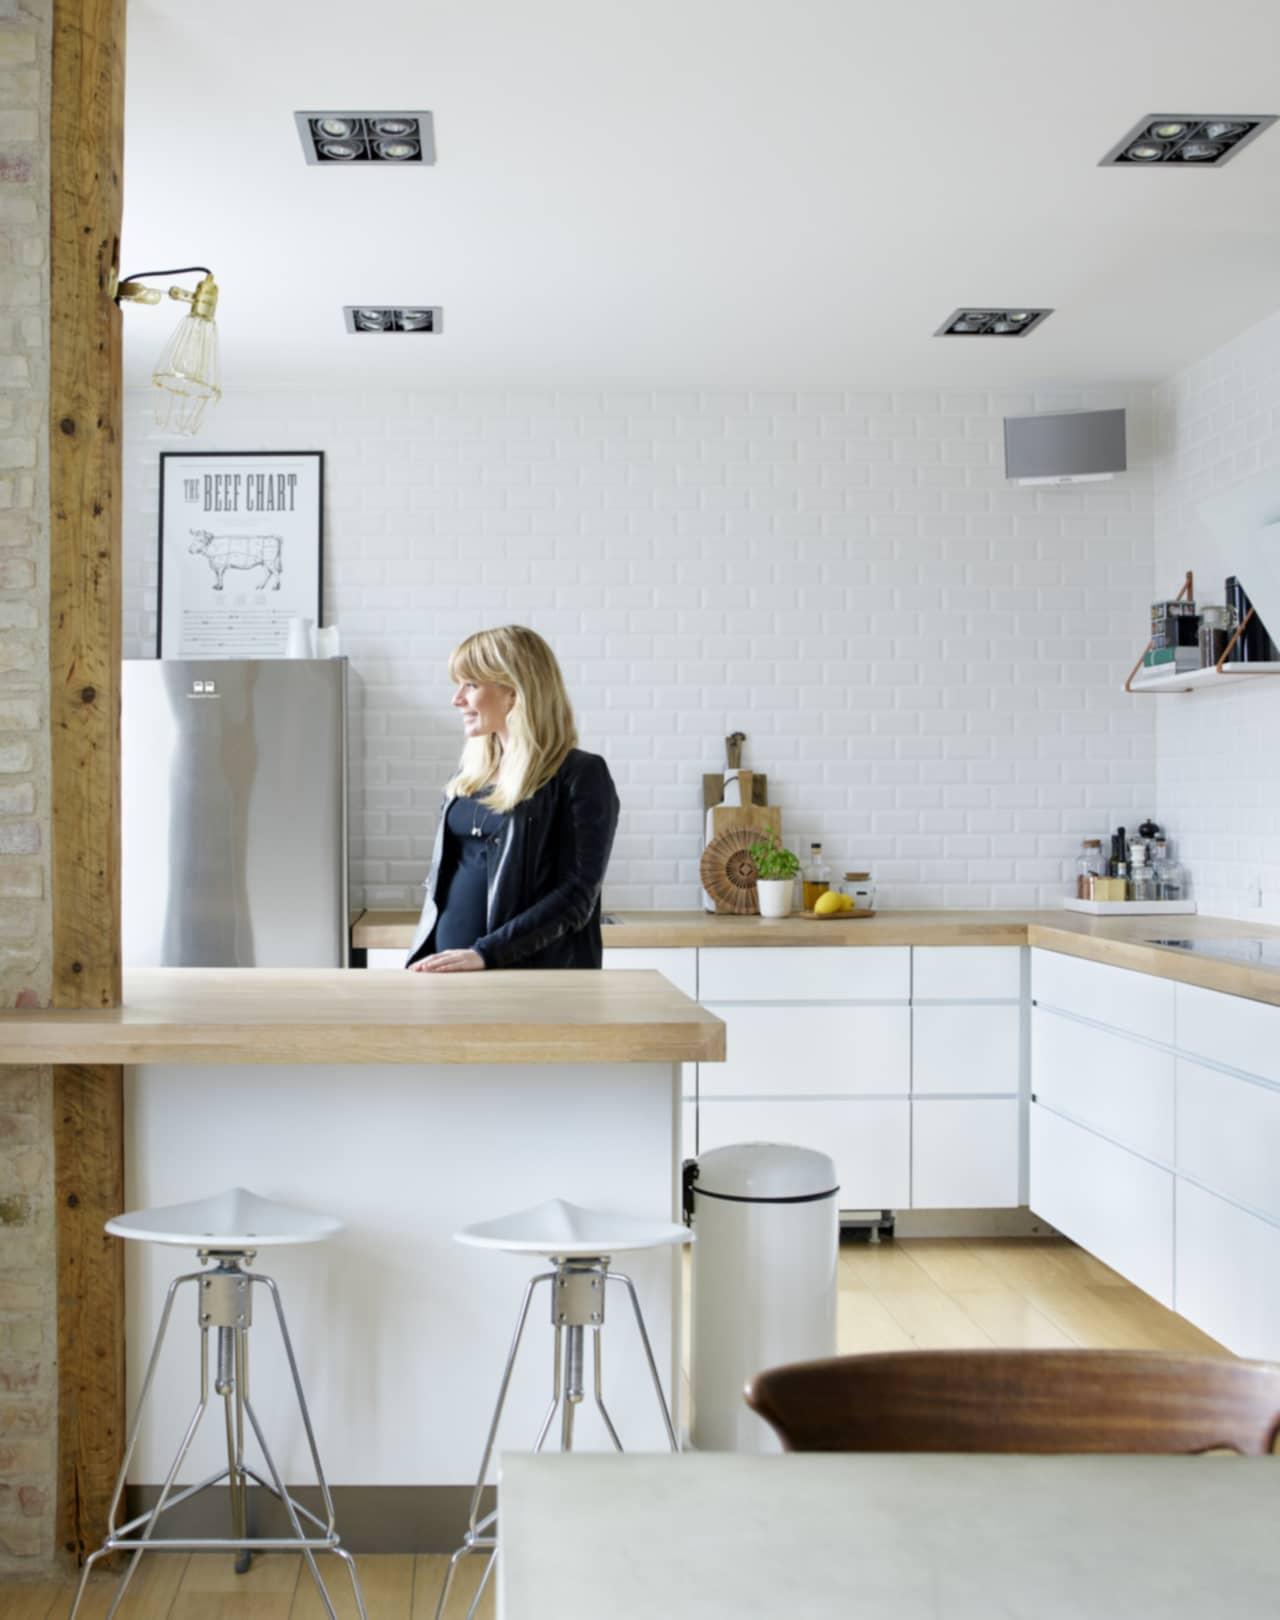 Mille & lasse i köpenhamn älskar inredning